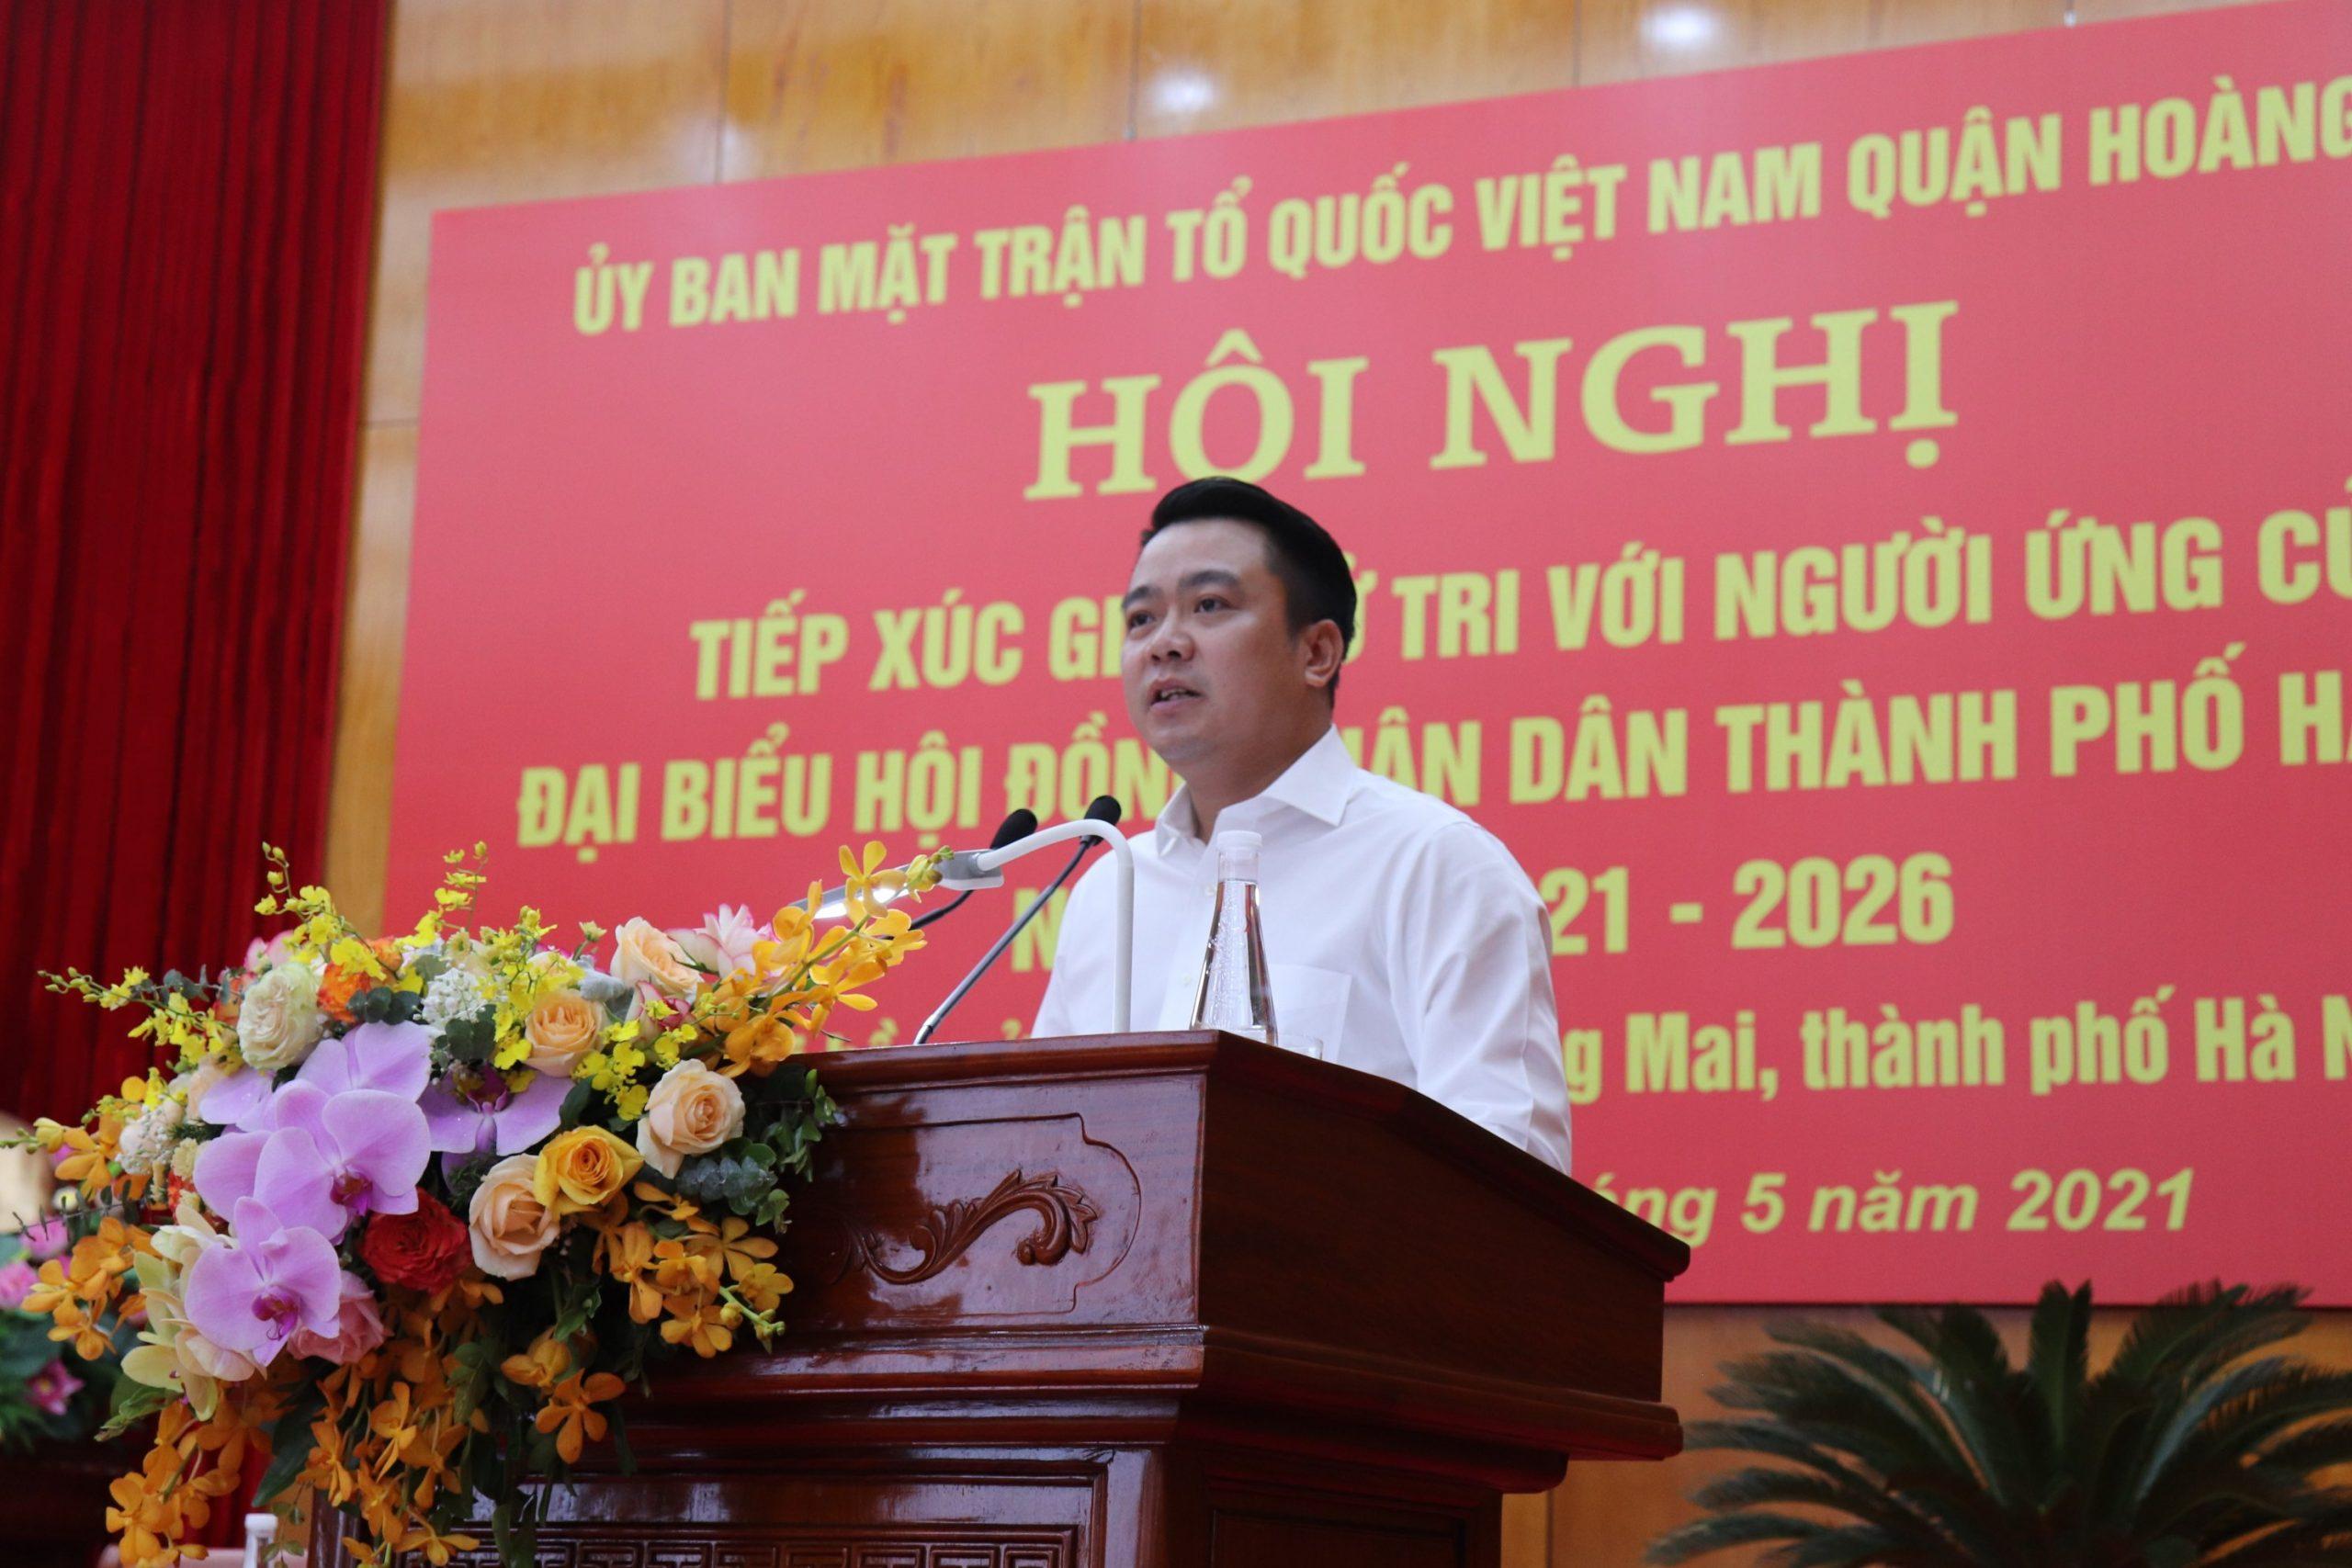 Cử tri quận Hoàng Mai kì vọng TGĐ Nguyễn Duy Chính sẽ trúng cử HĐND Thành phố